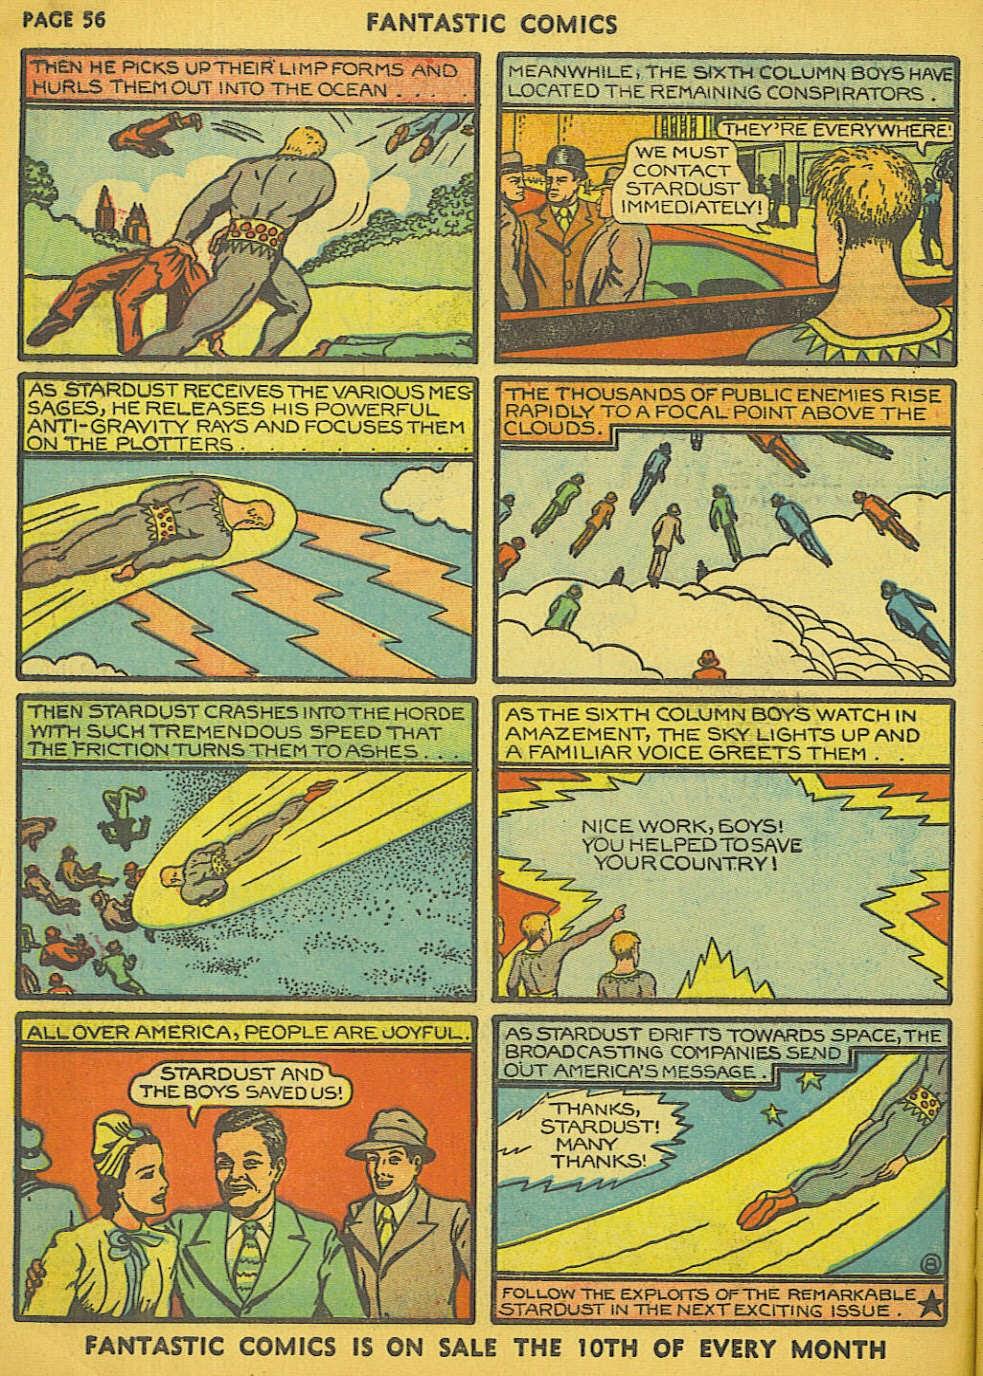 Read online Fantastic Comics comic -  Issue #15 - 51